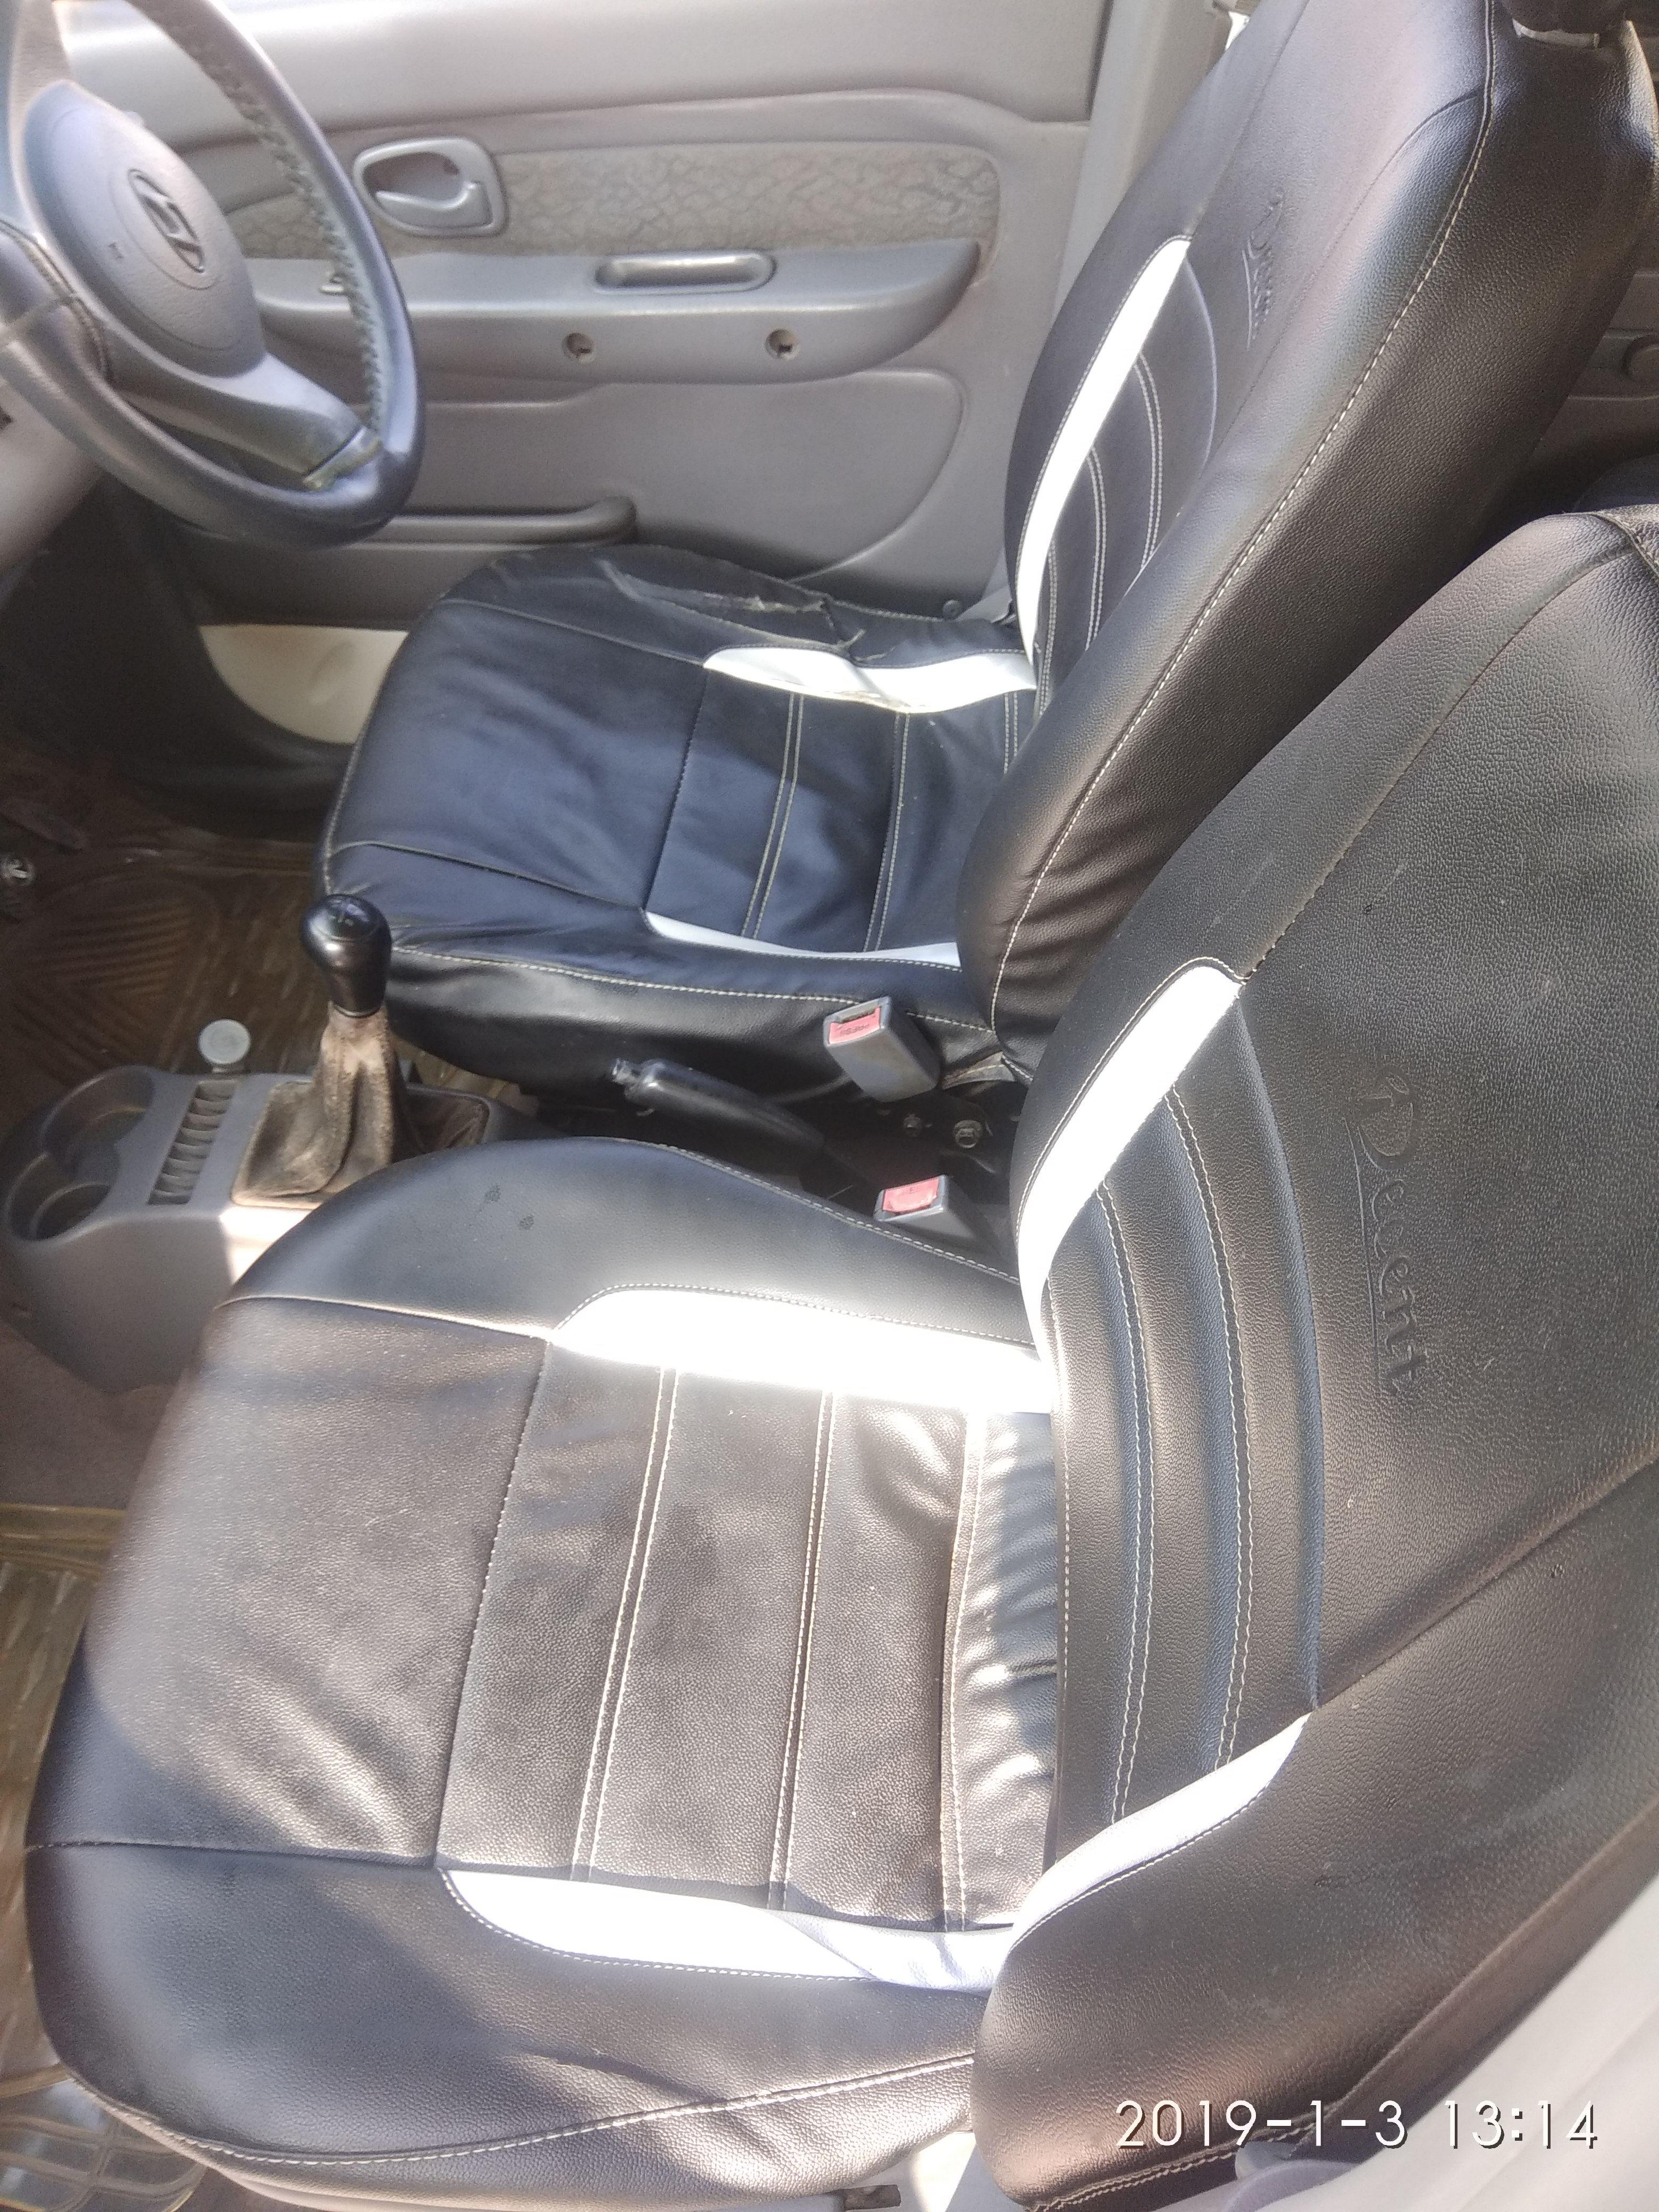 2006 Used Hyundai Santro Xing XL ERLX EURO III